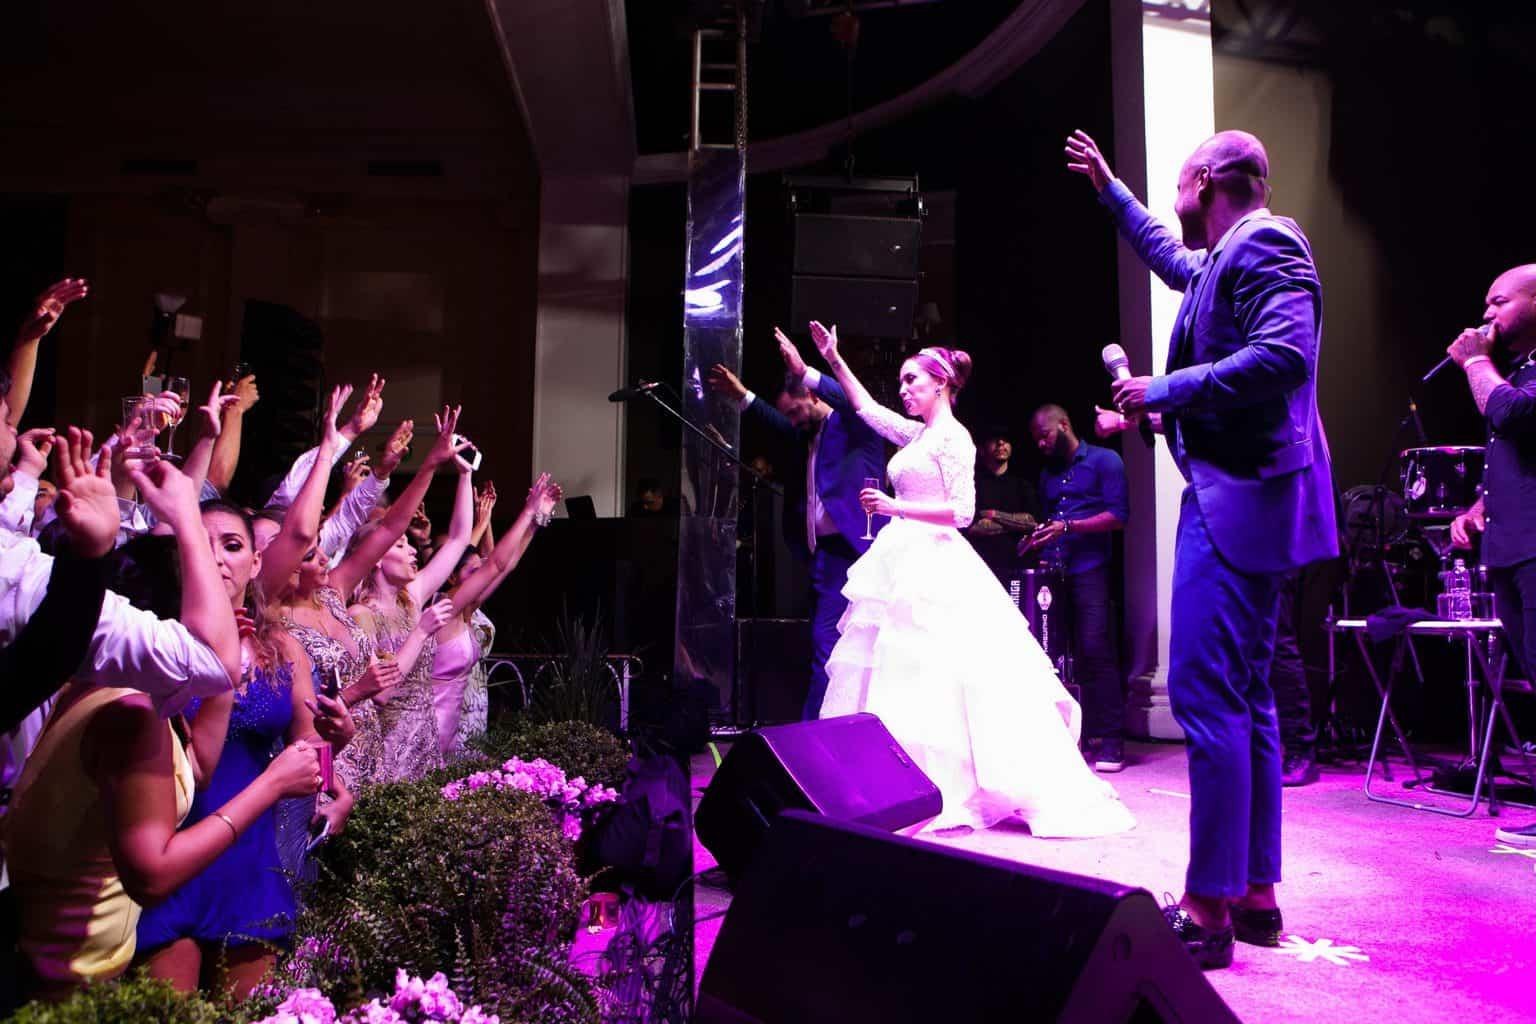 Casamento-Clássico-Casamento-tradicional-Copacabana-Palace-Monica-Roias-Ribas-Foto-e-Vídeo-Thiaguinho-Tuanny-e-Bernardo-CaseMe-10